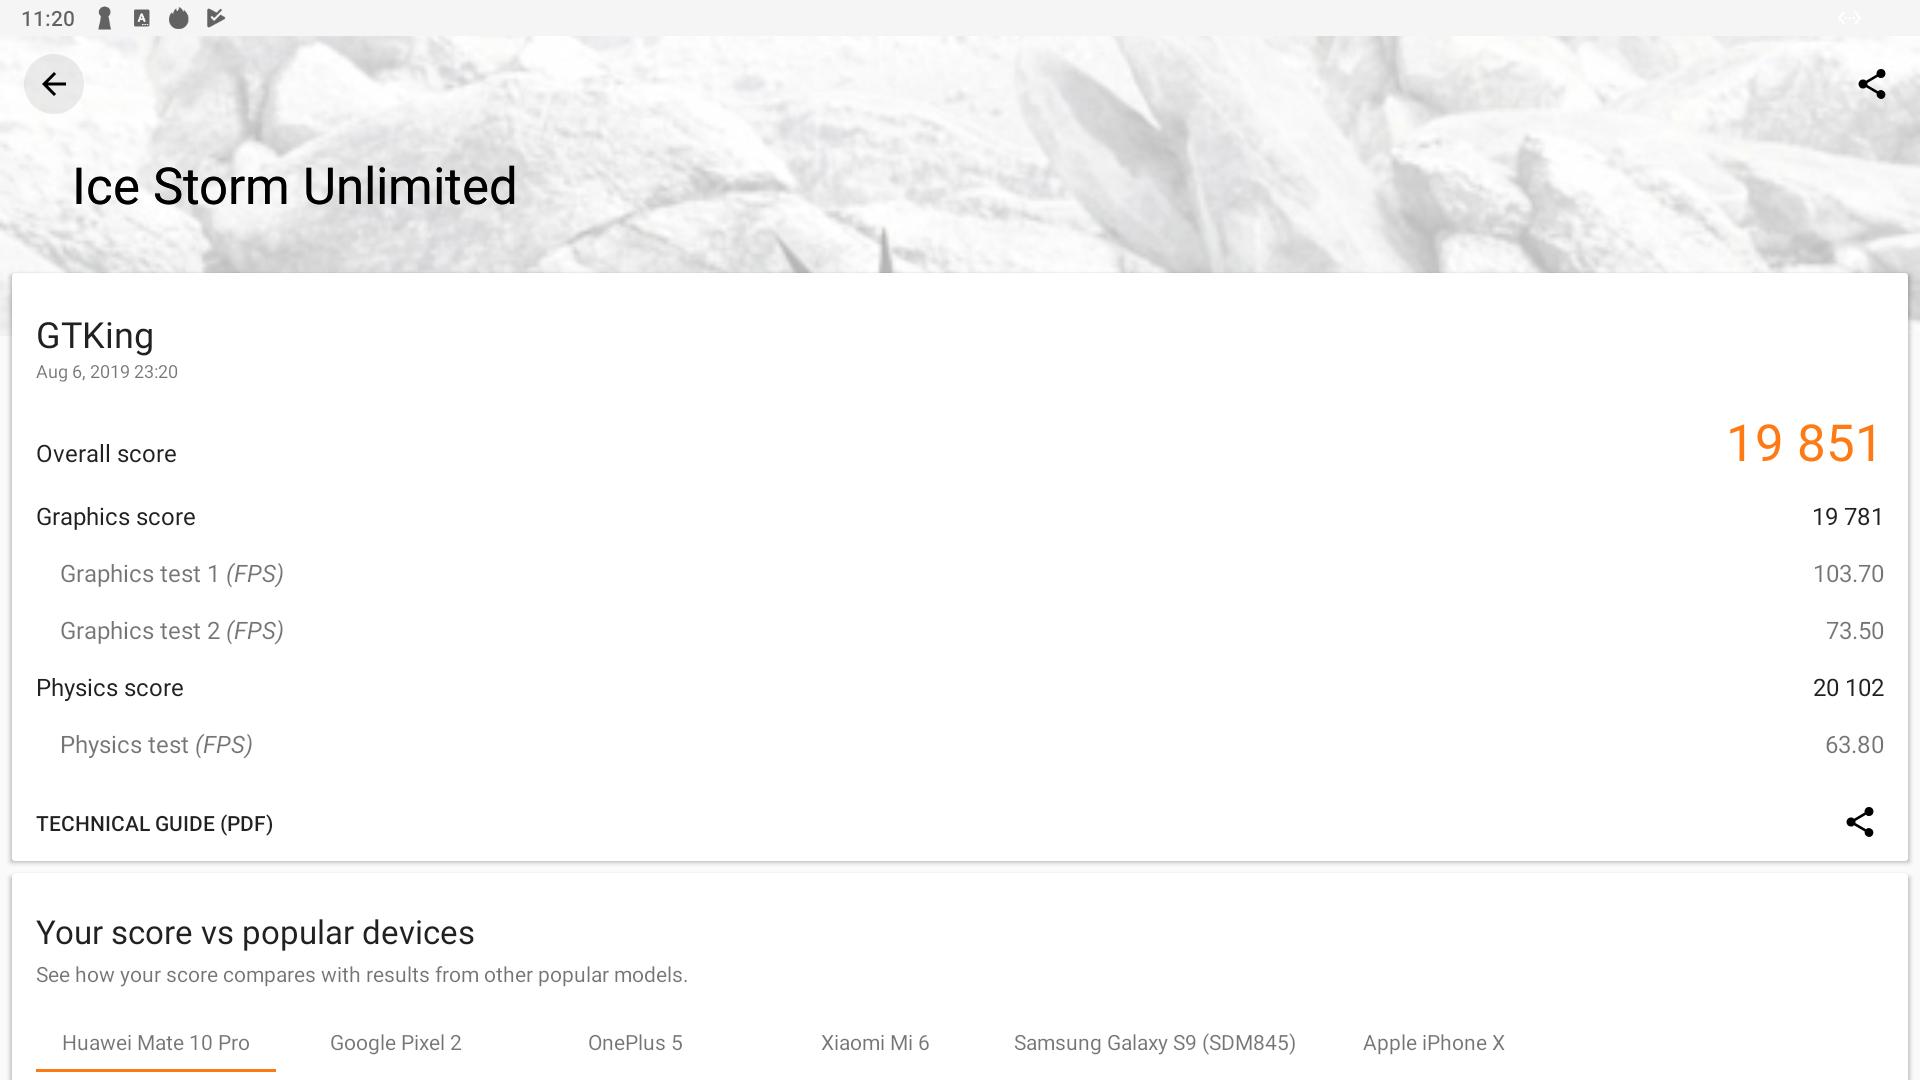 Beelink GT-King 3Dmark Ice Storm Unlimited